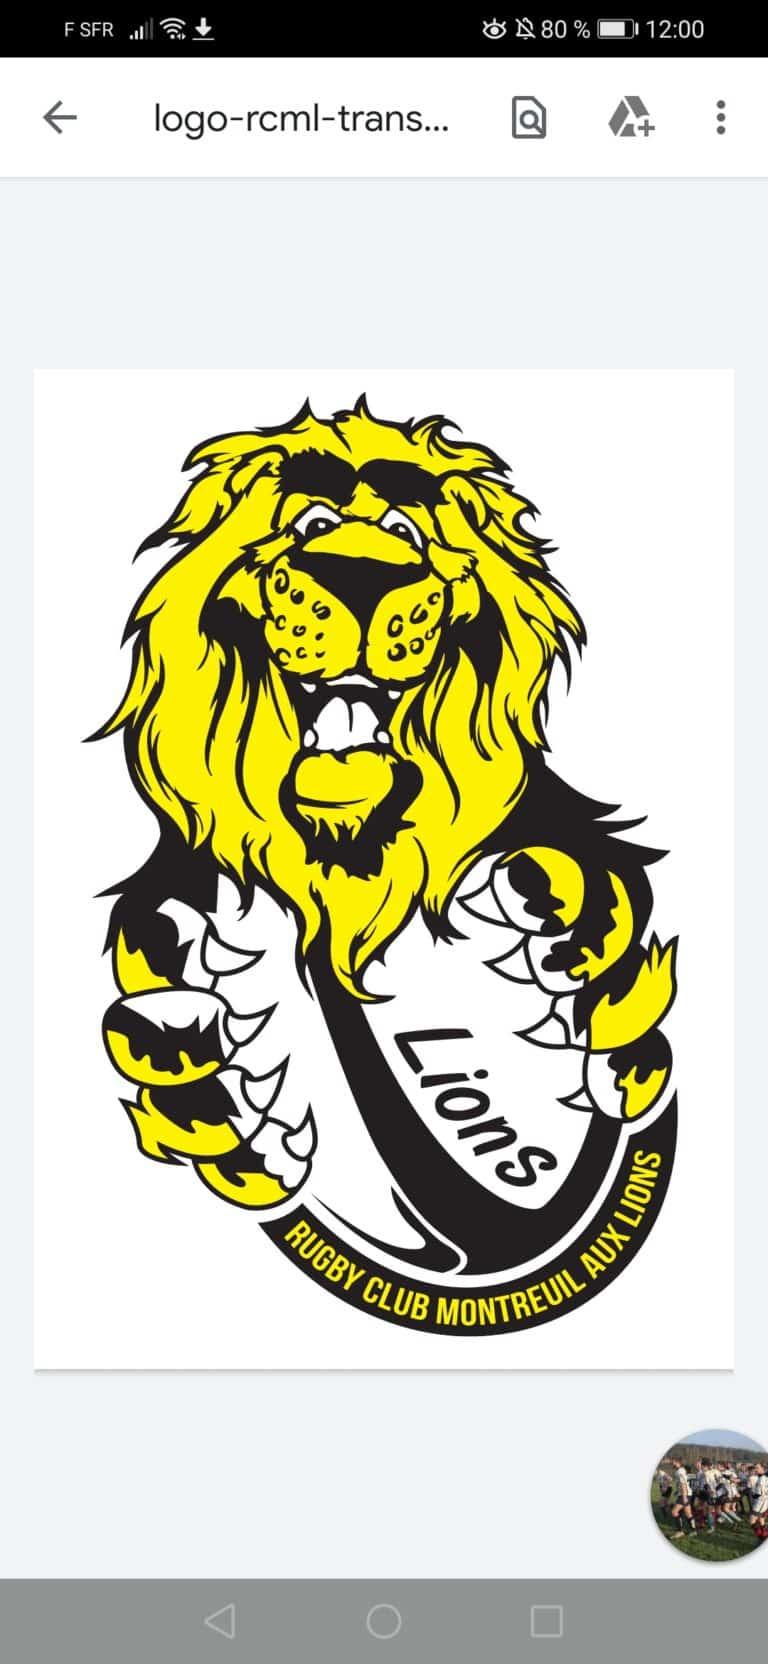 Montreuil aux lions(02) recrute